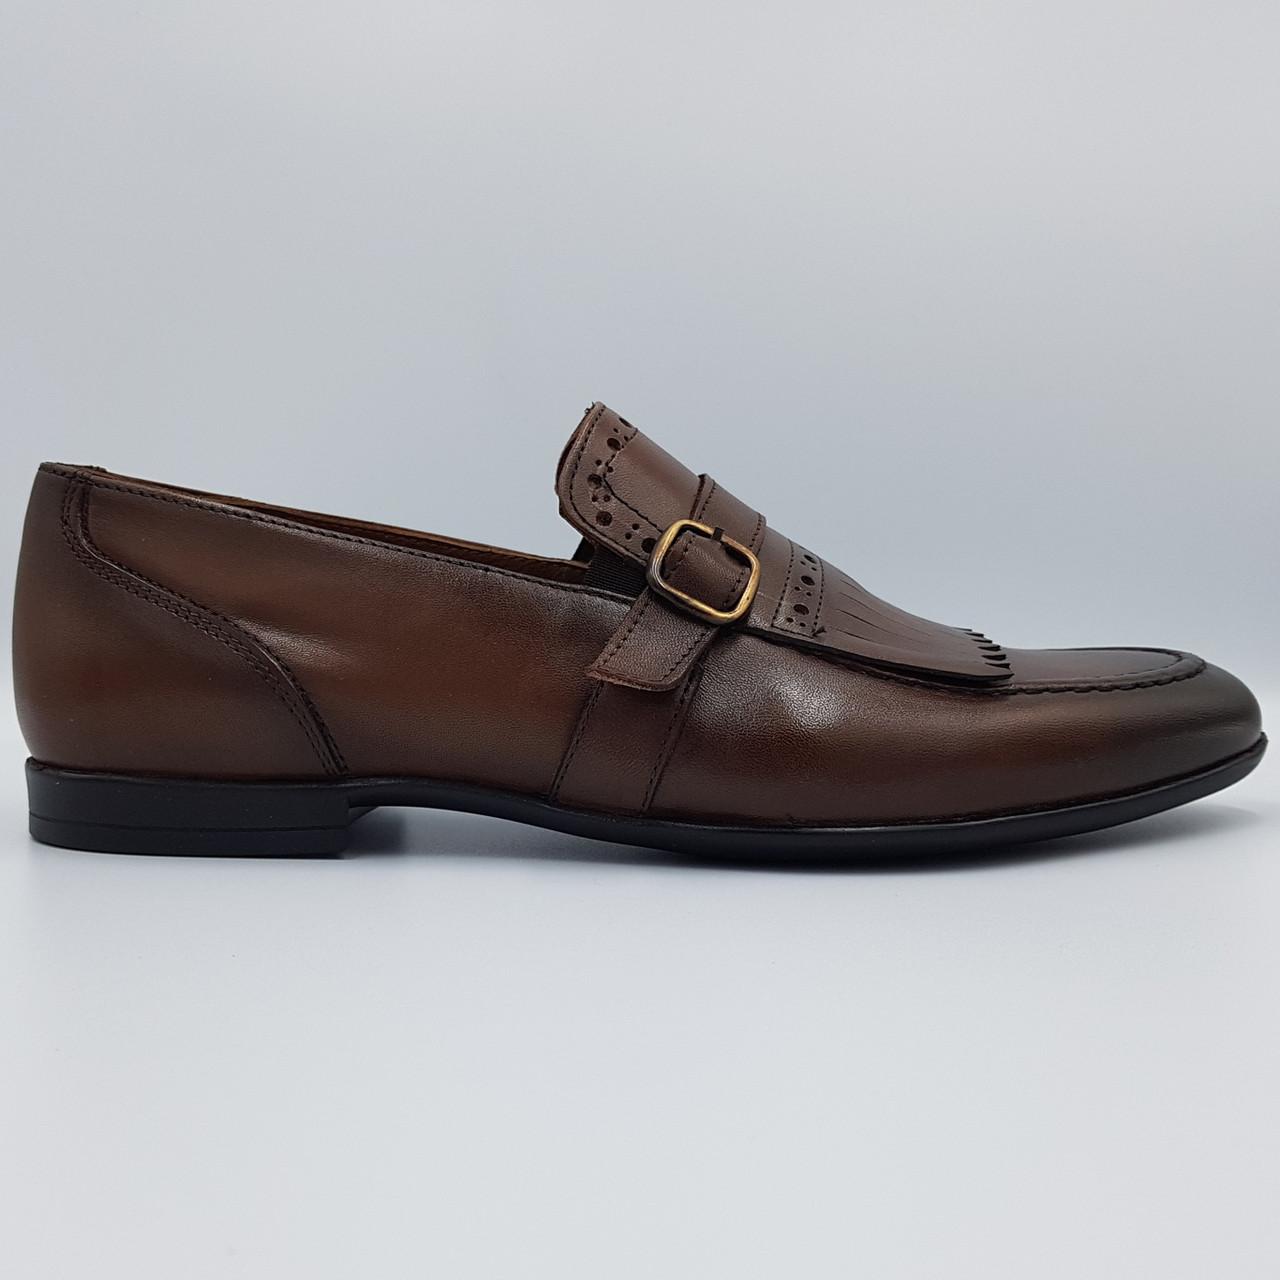 Мужские туфли лоферы Luciano Bellini коричневые L0025/25